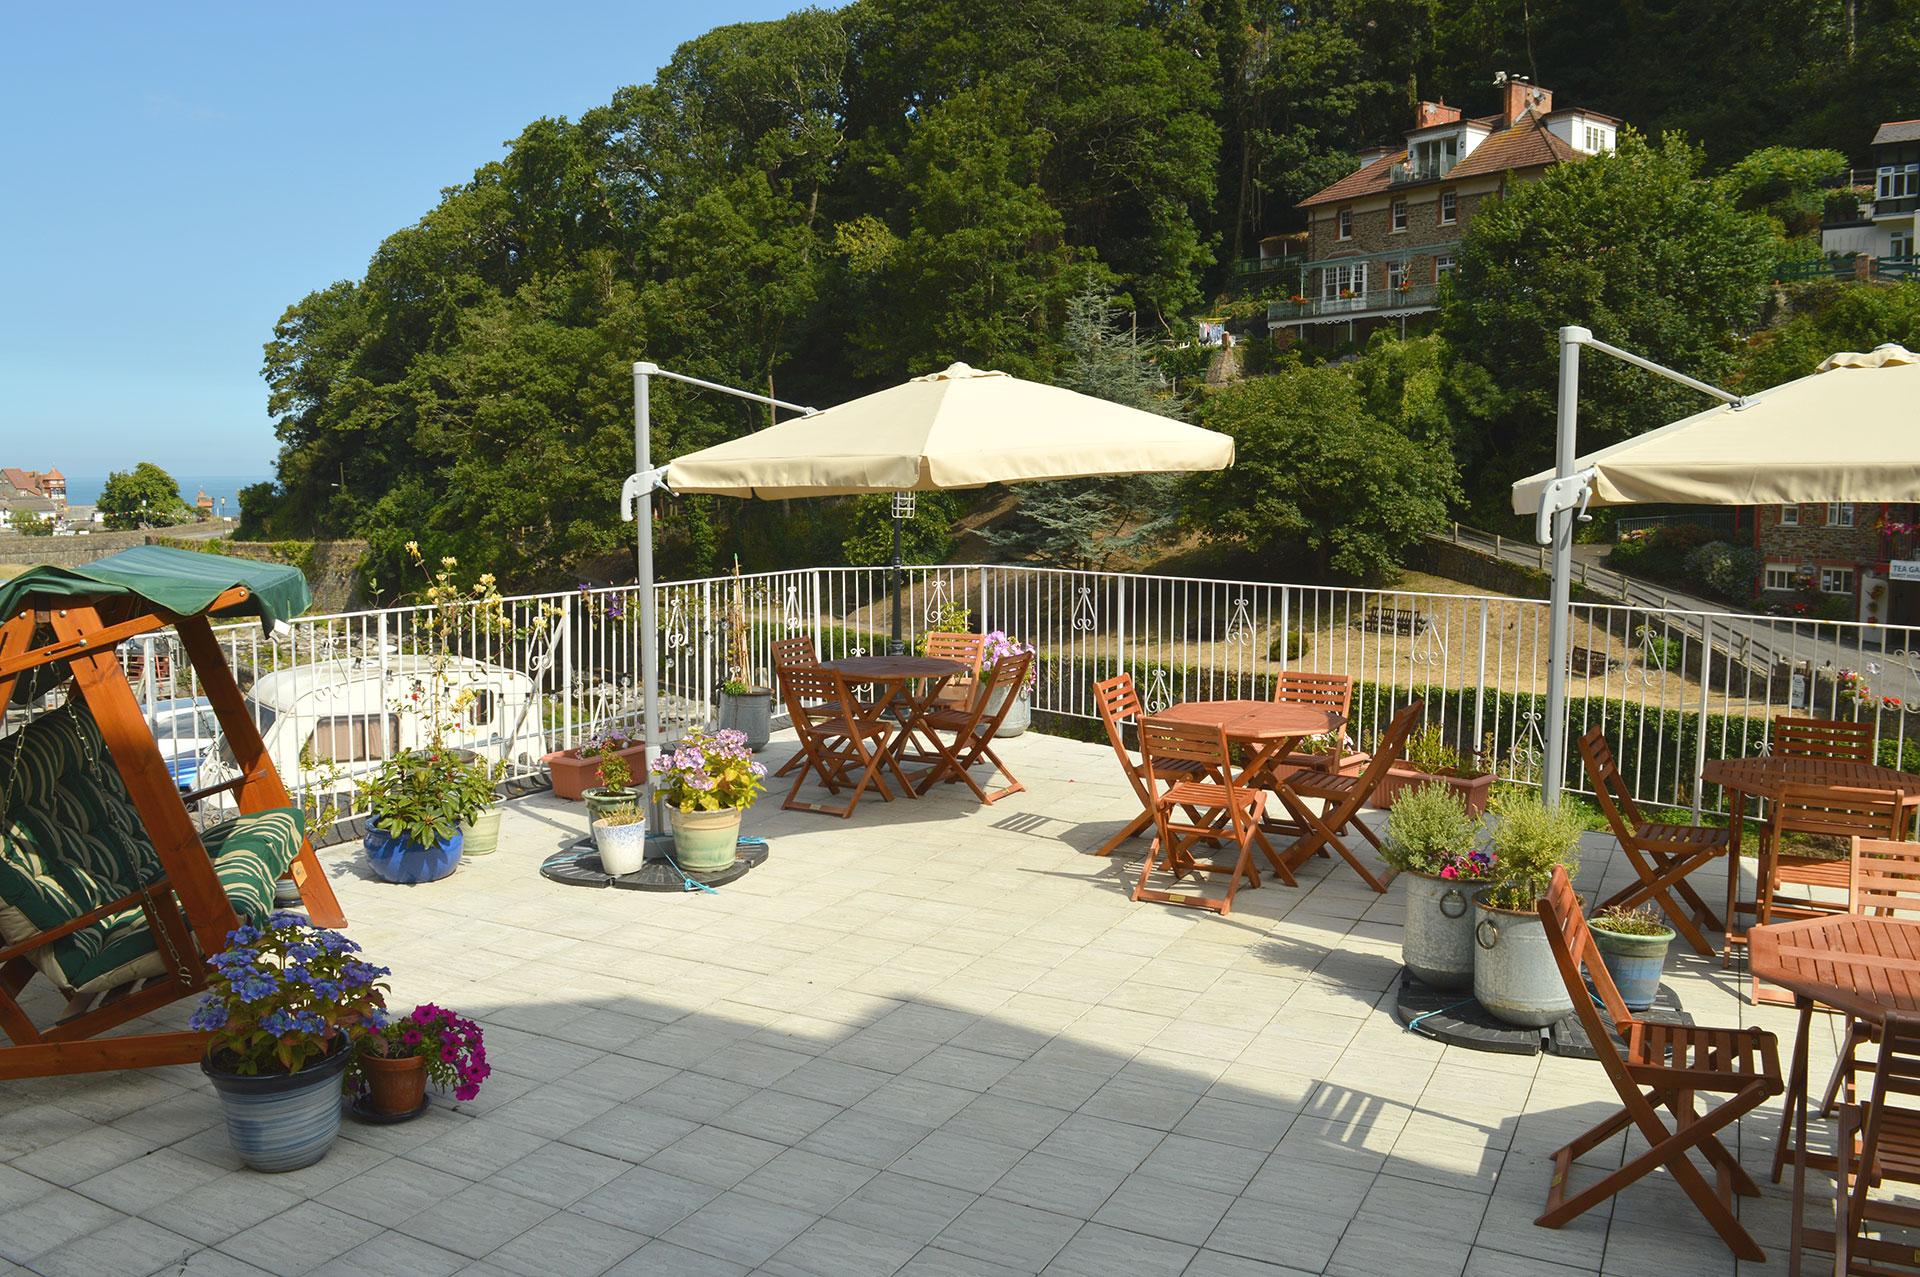 East Lyn House, Bed and Breakfast riverside terrace